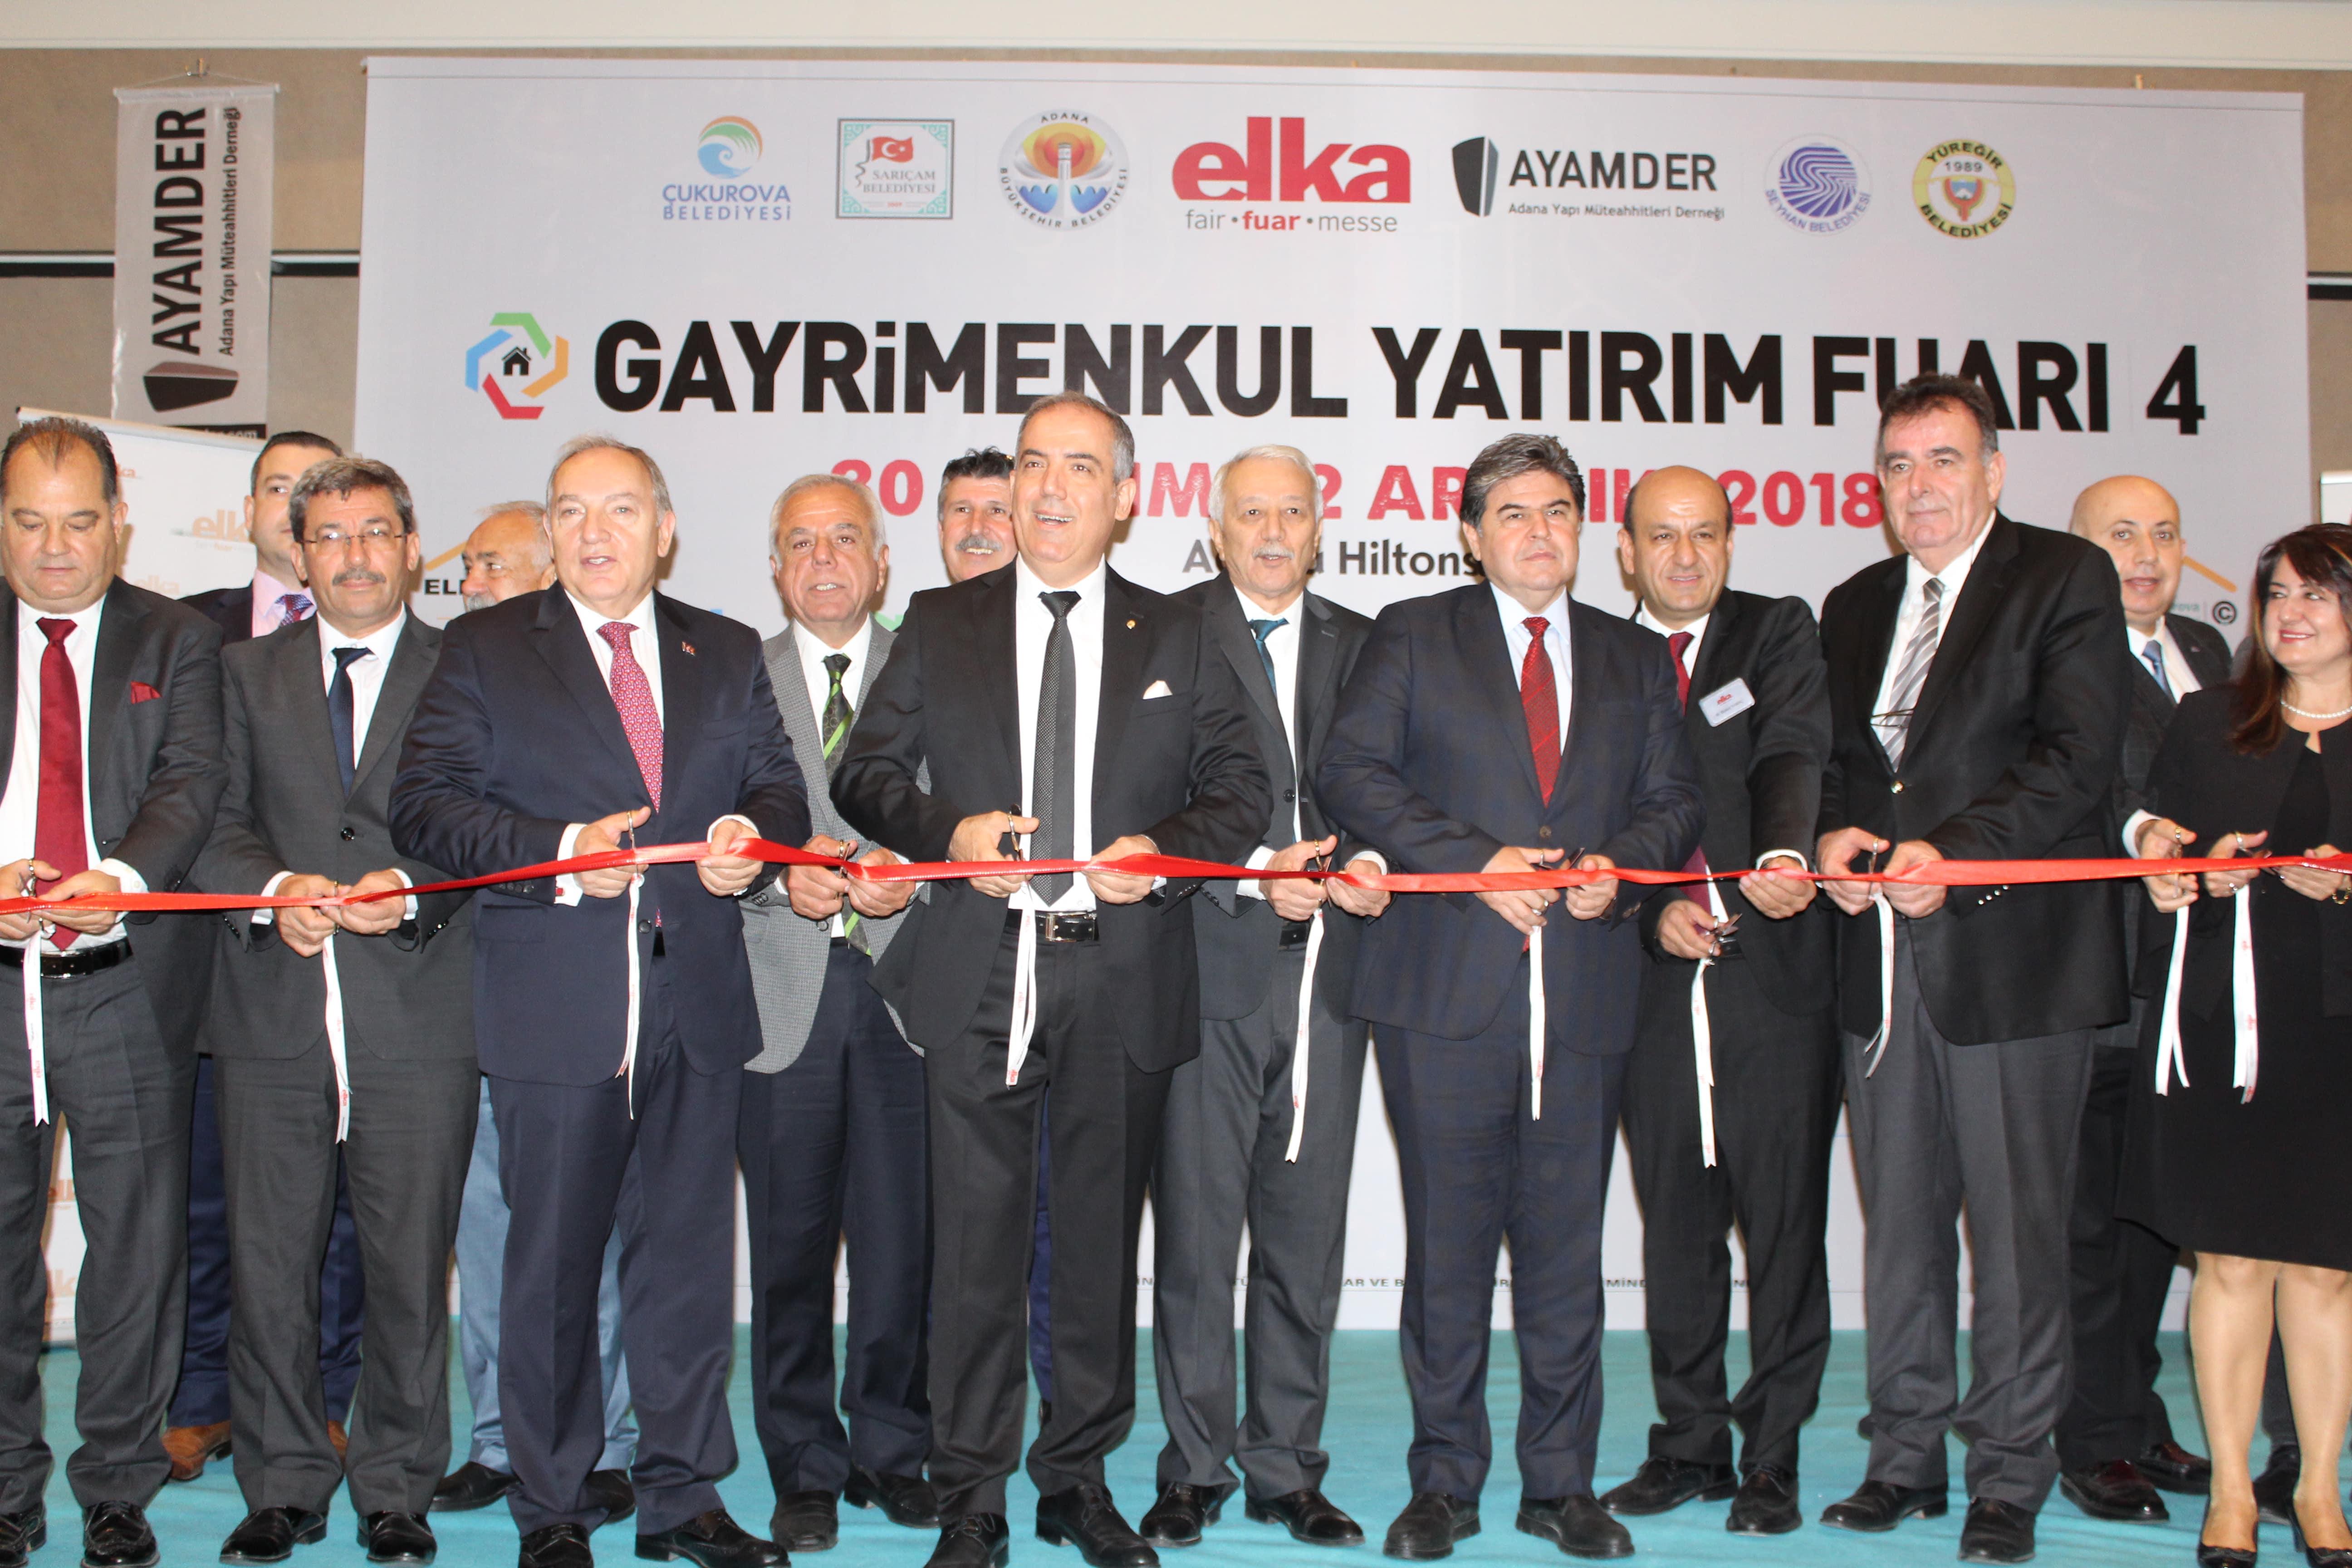 Gayrimenkul Yatırım Fuarı 4. kez Adana'da